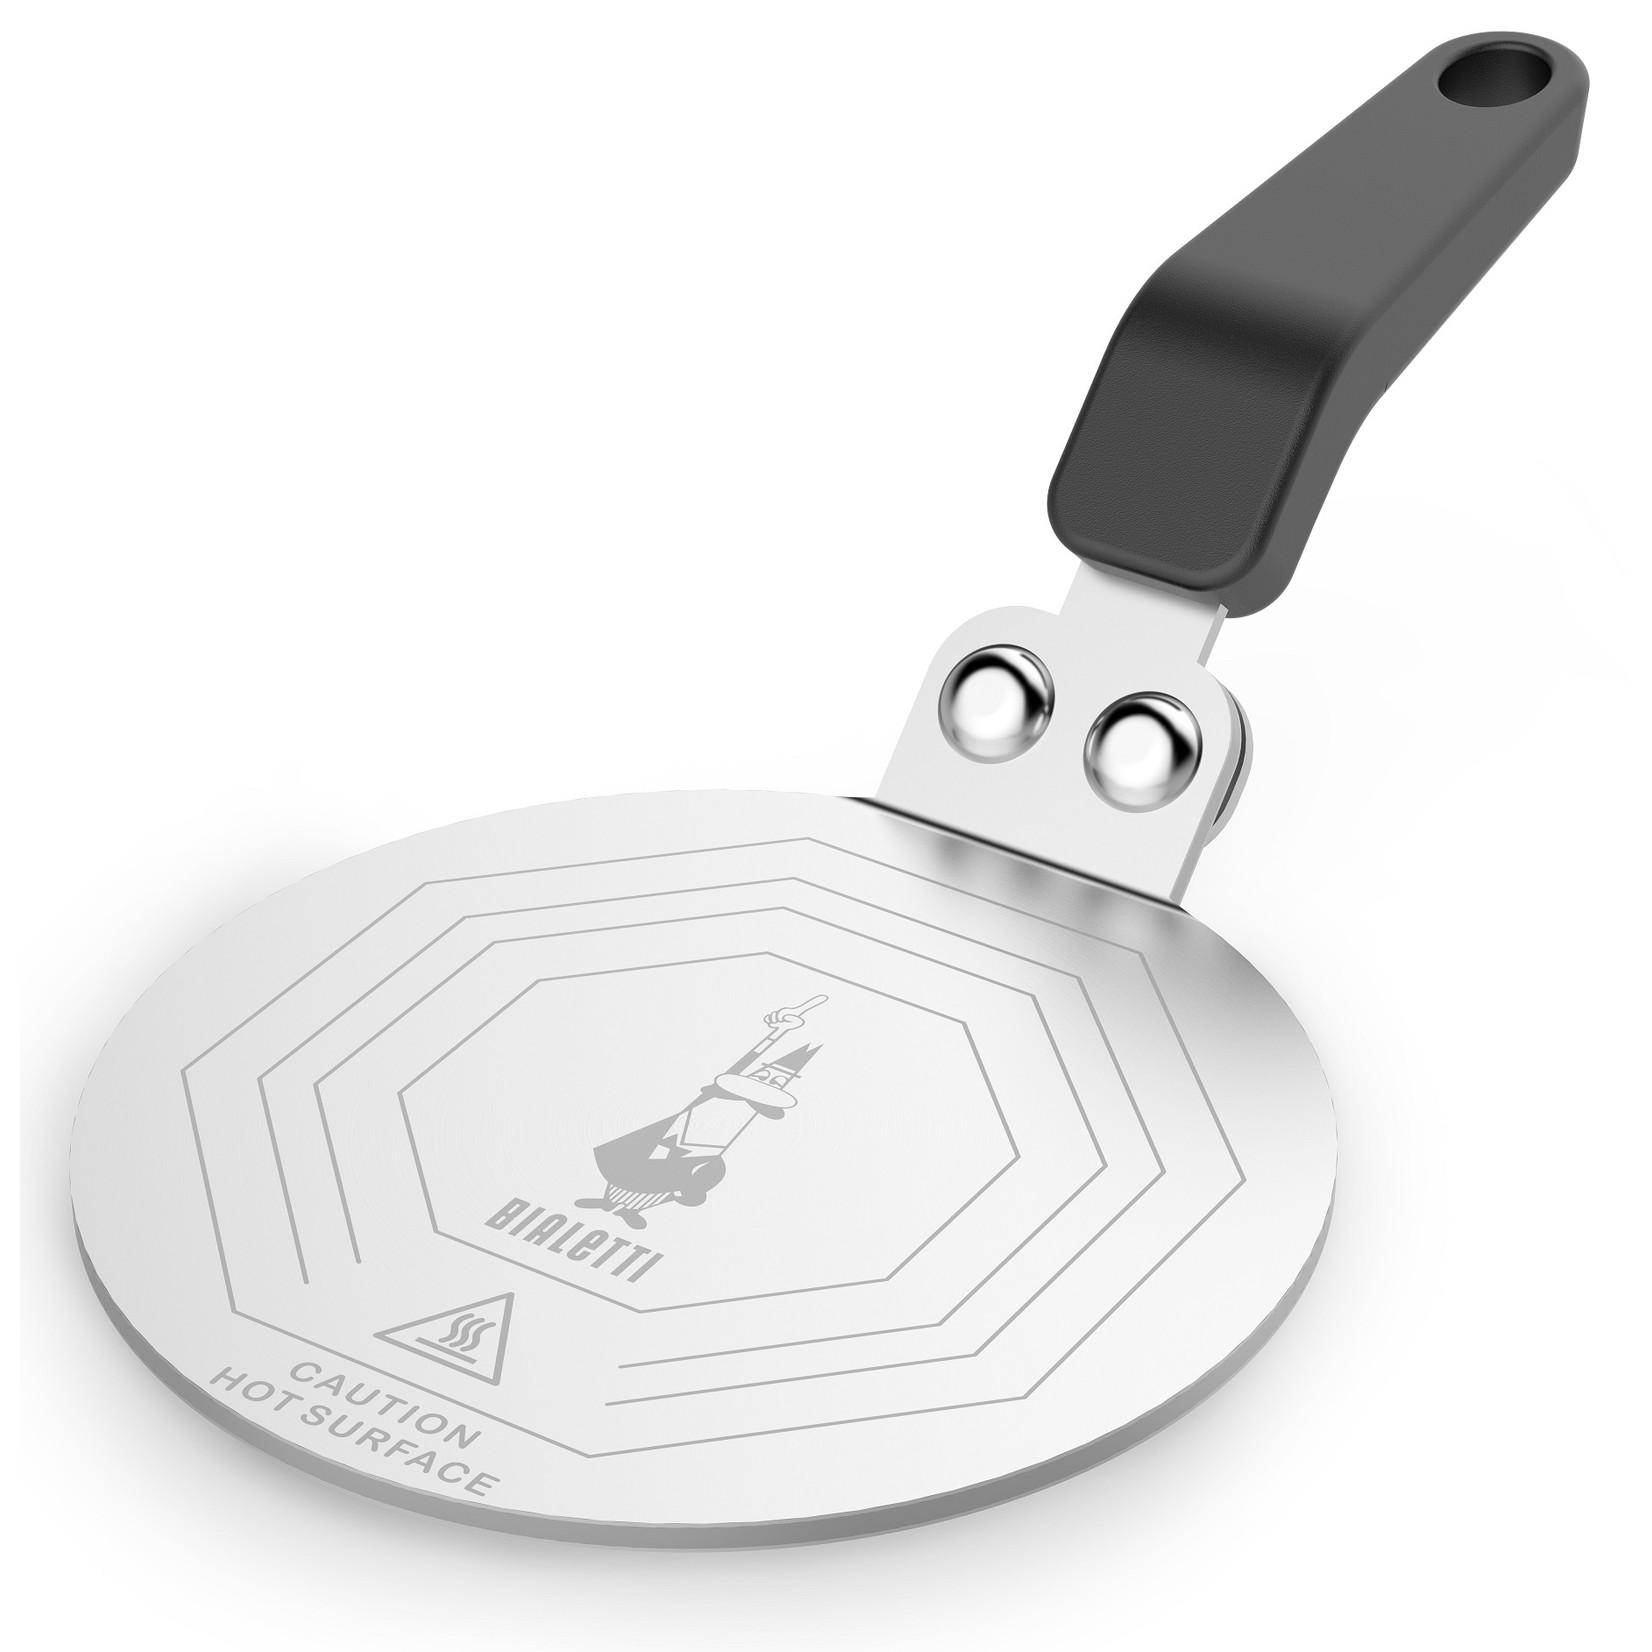 Bialetti Bialetti adapter voor inductiekookplaat 20cm